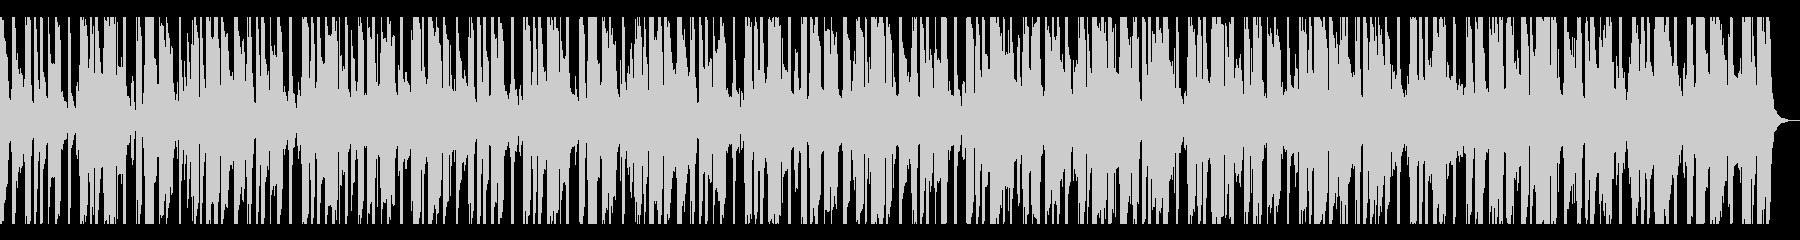 【短いVer9】スローファンクロックの未再生の波形